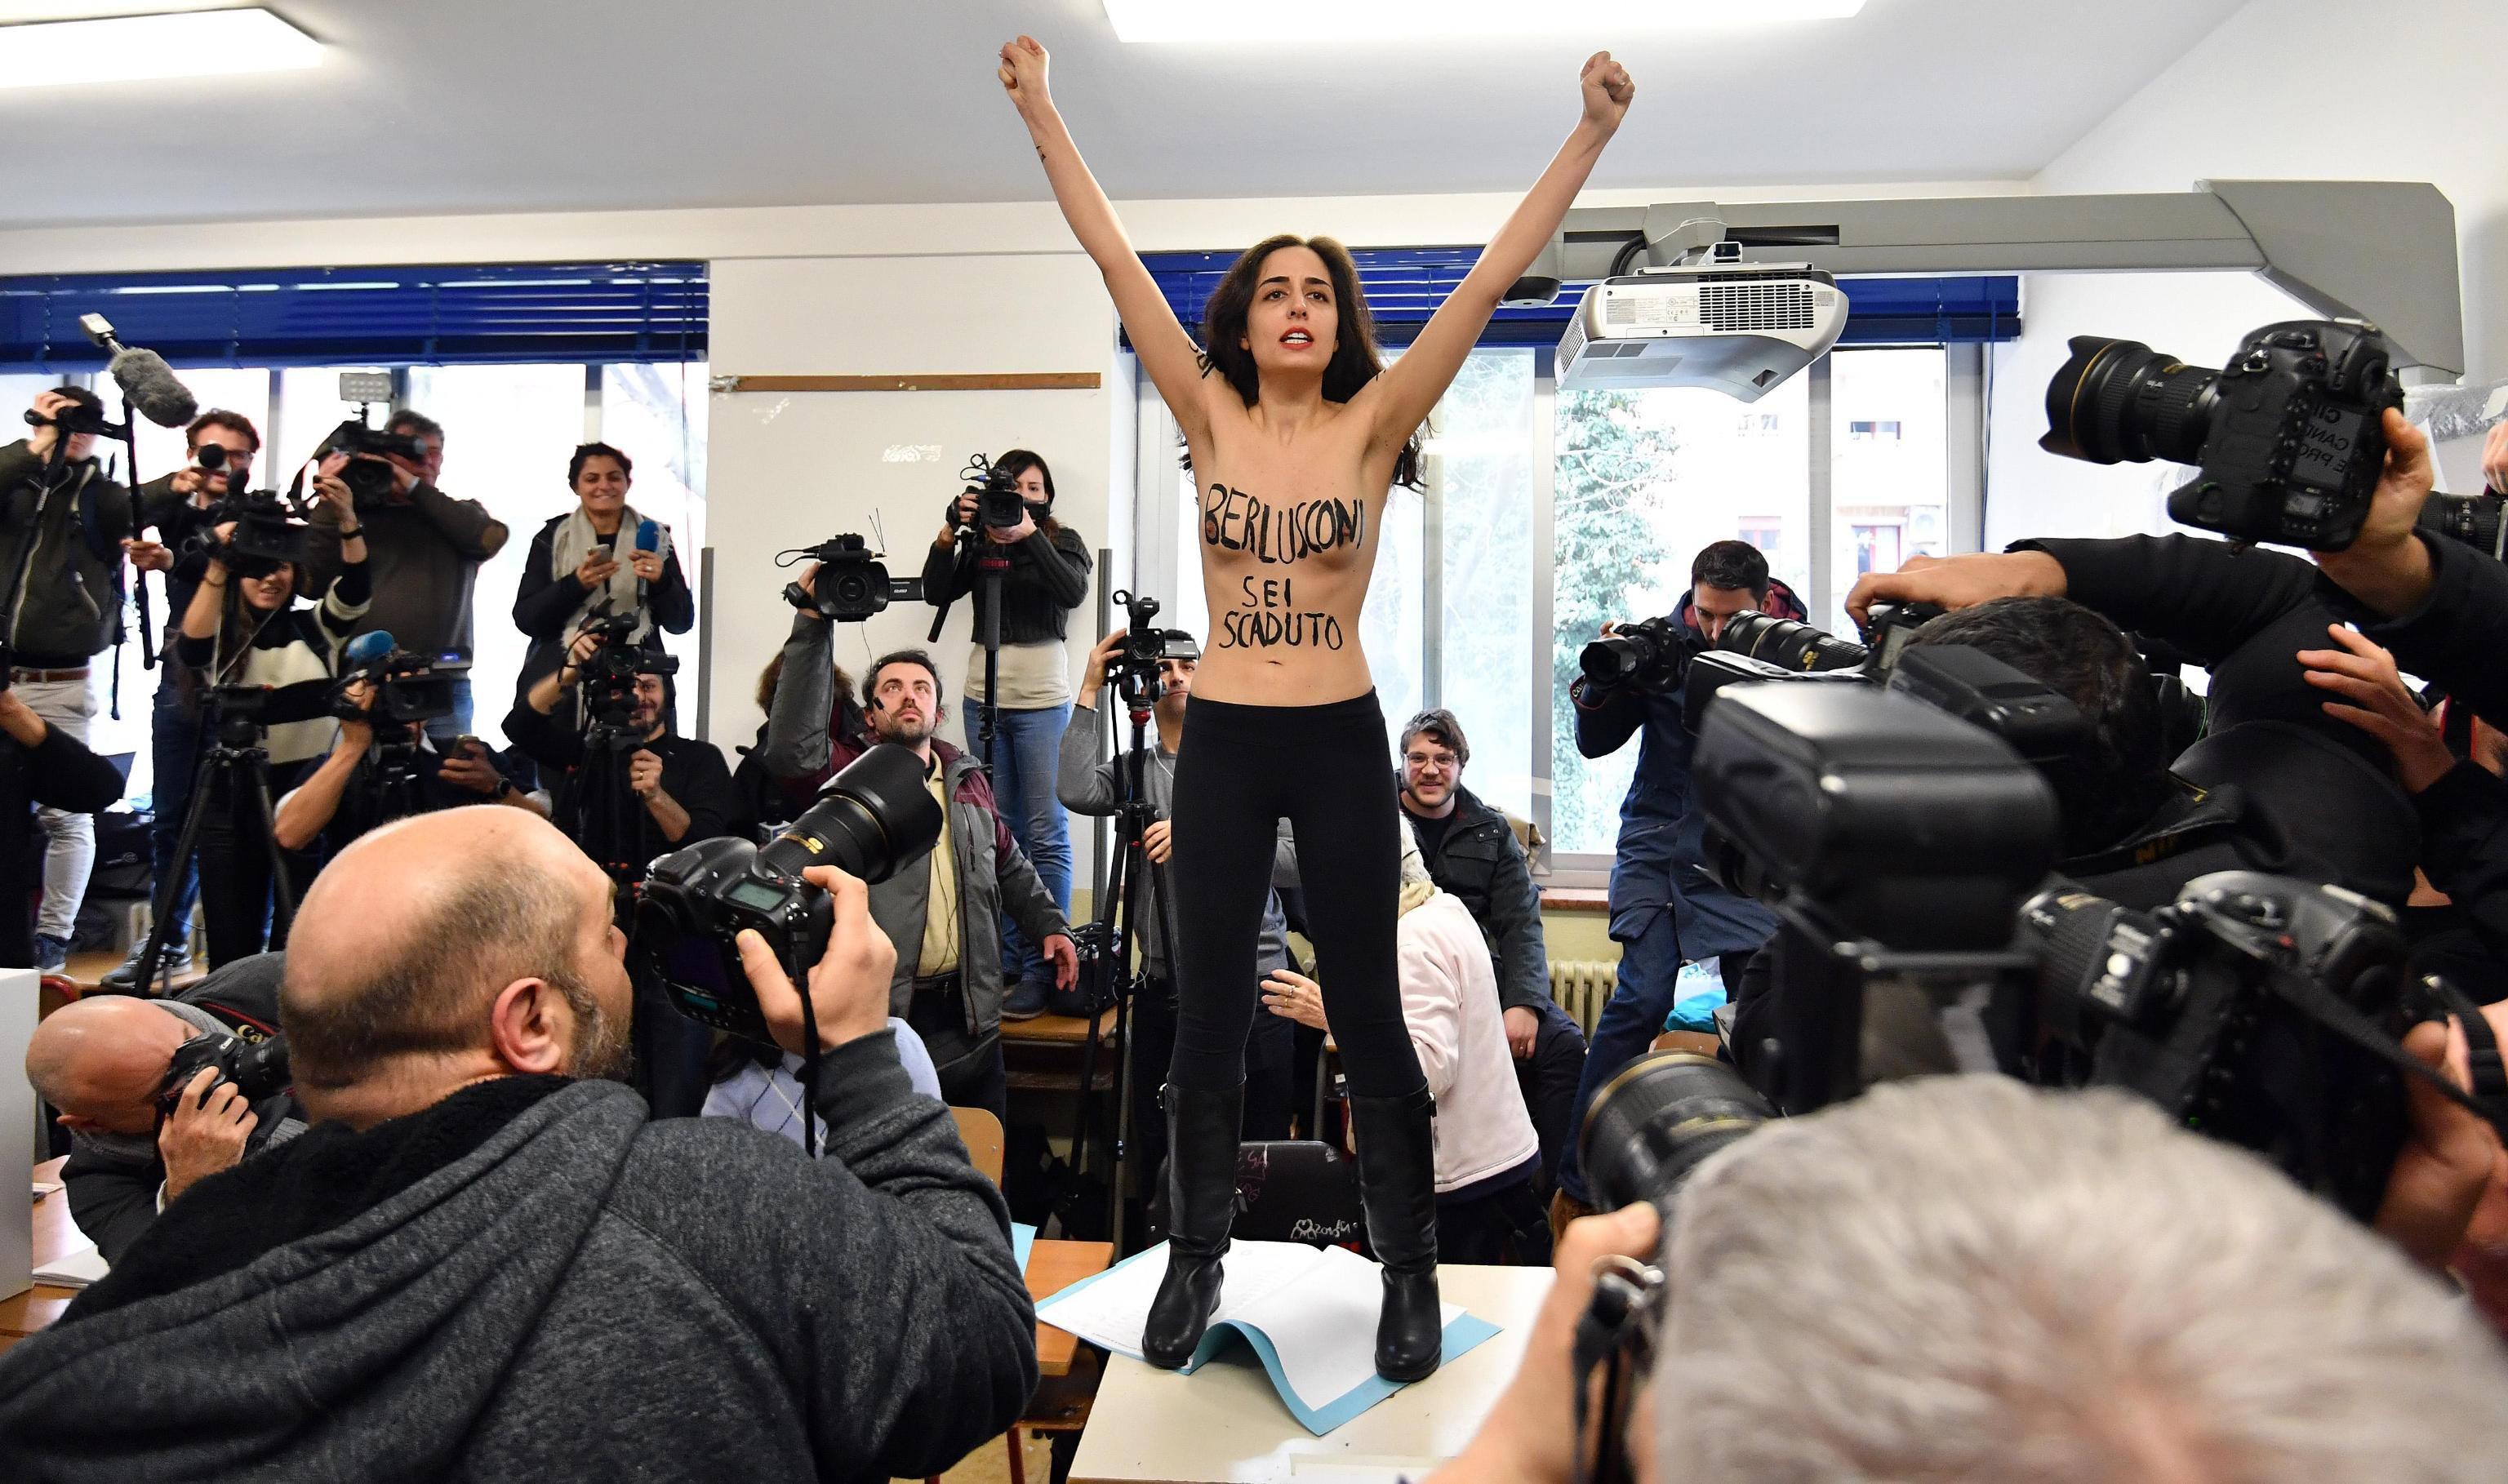 Talijani još uvijek glasaju, ishod vrlo neizvjestan